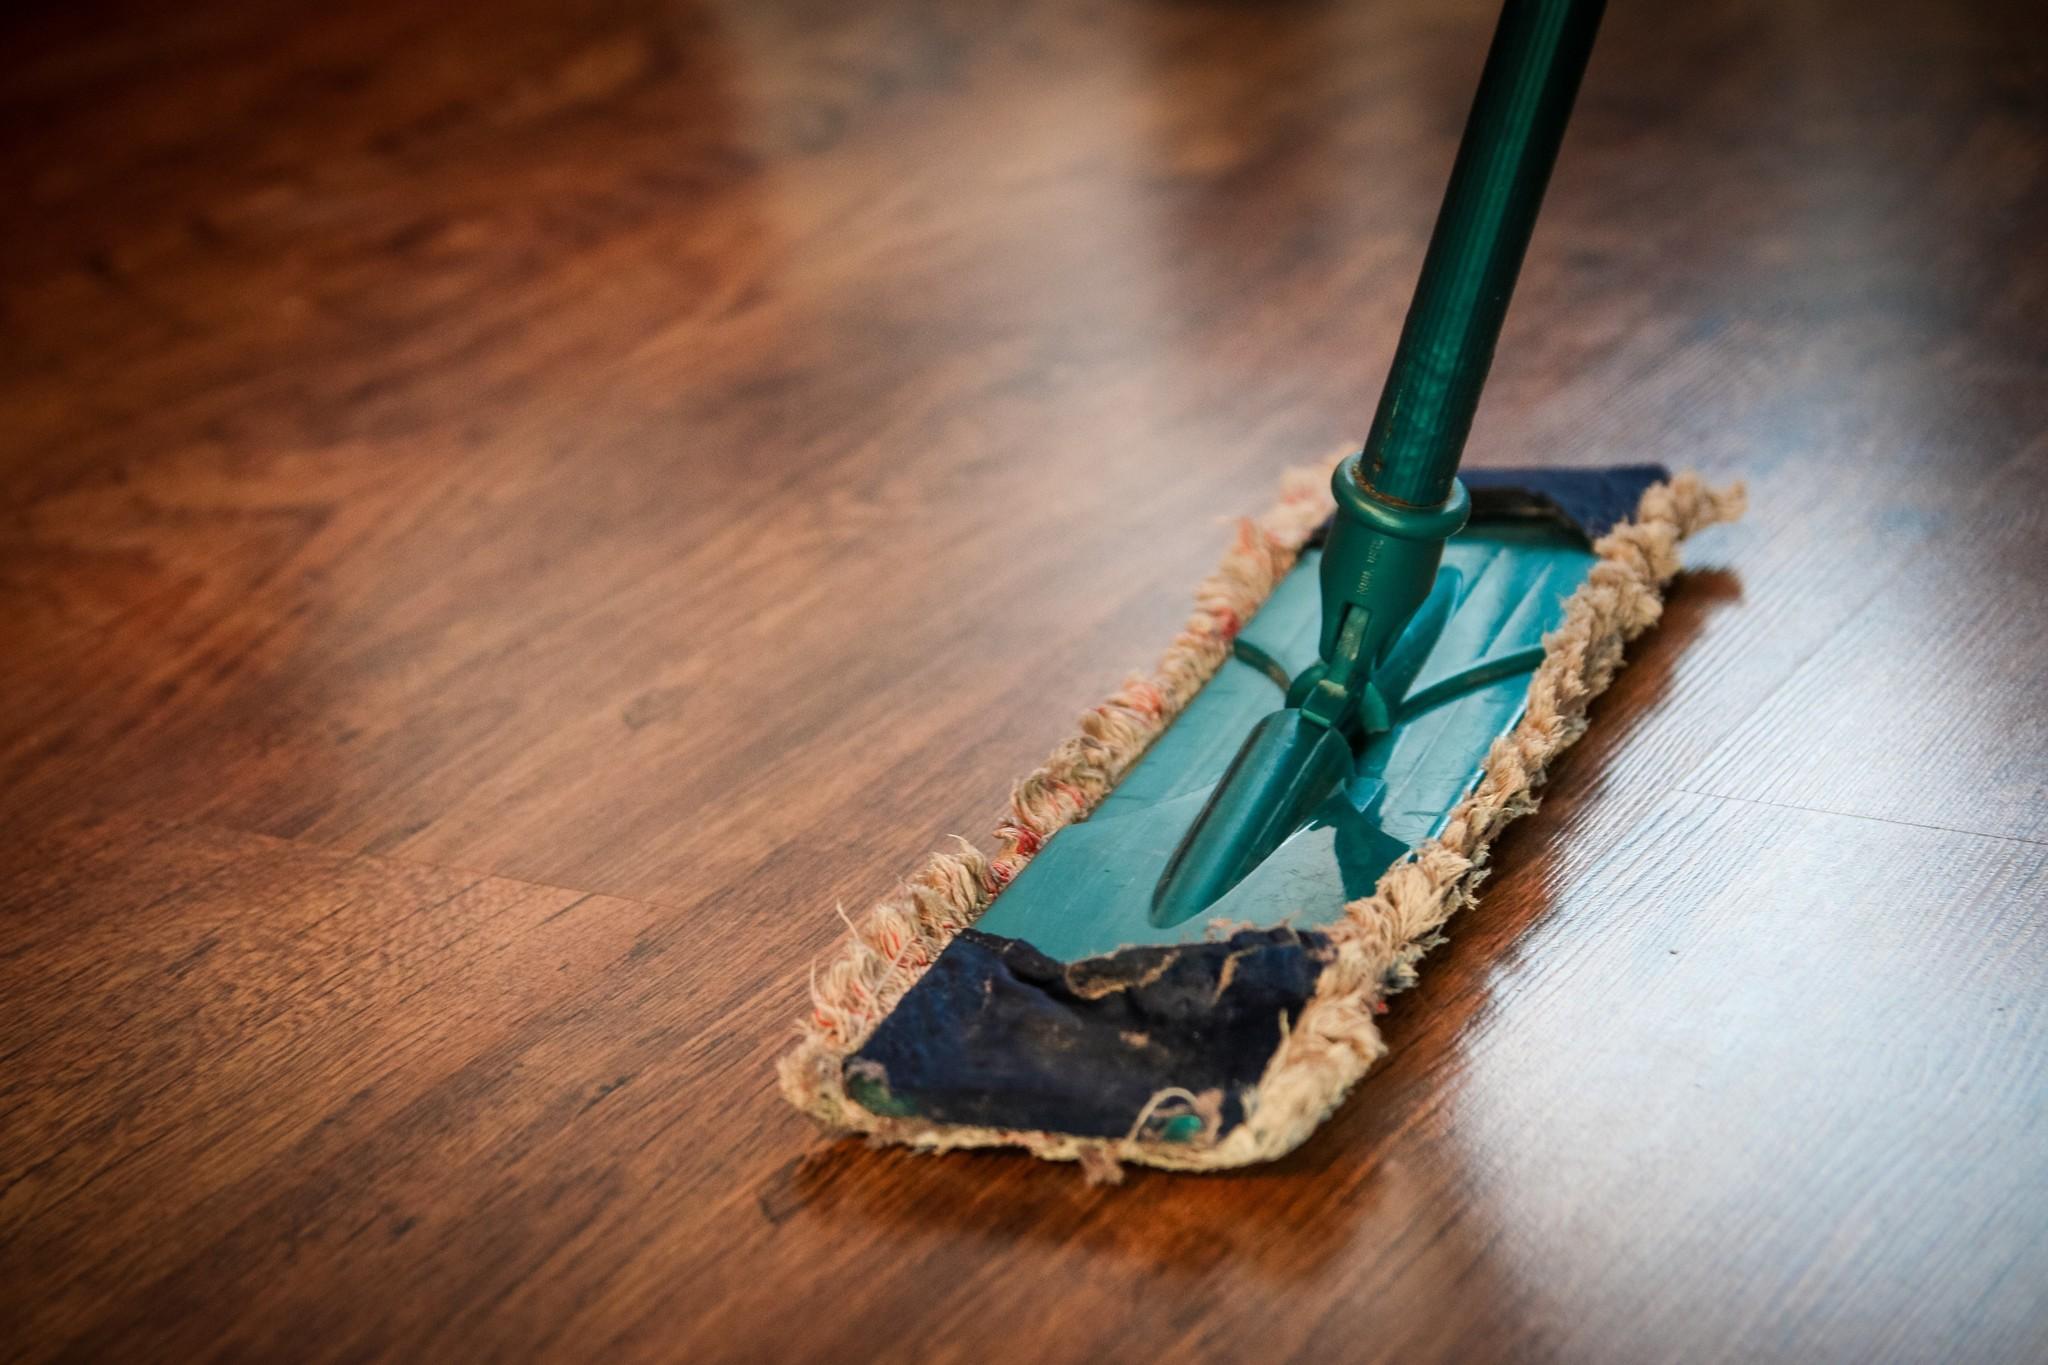 Olie voor vloeren en onderhoudsartikelen